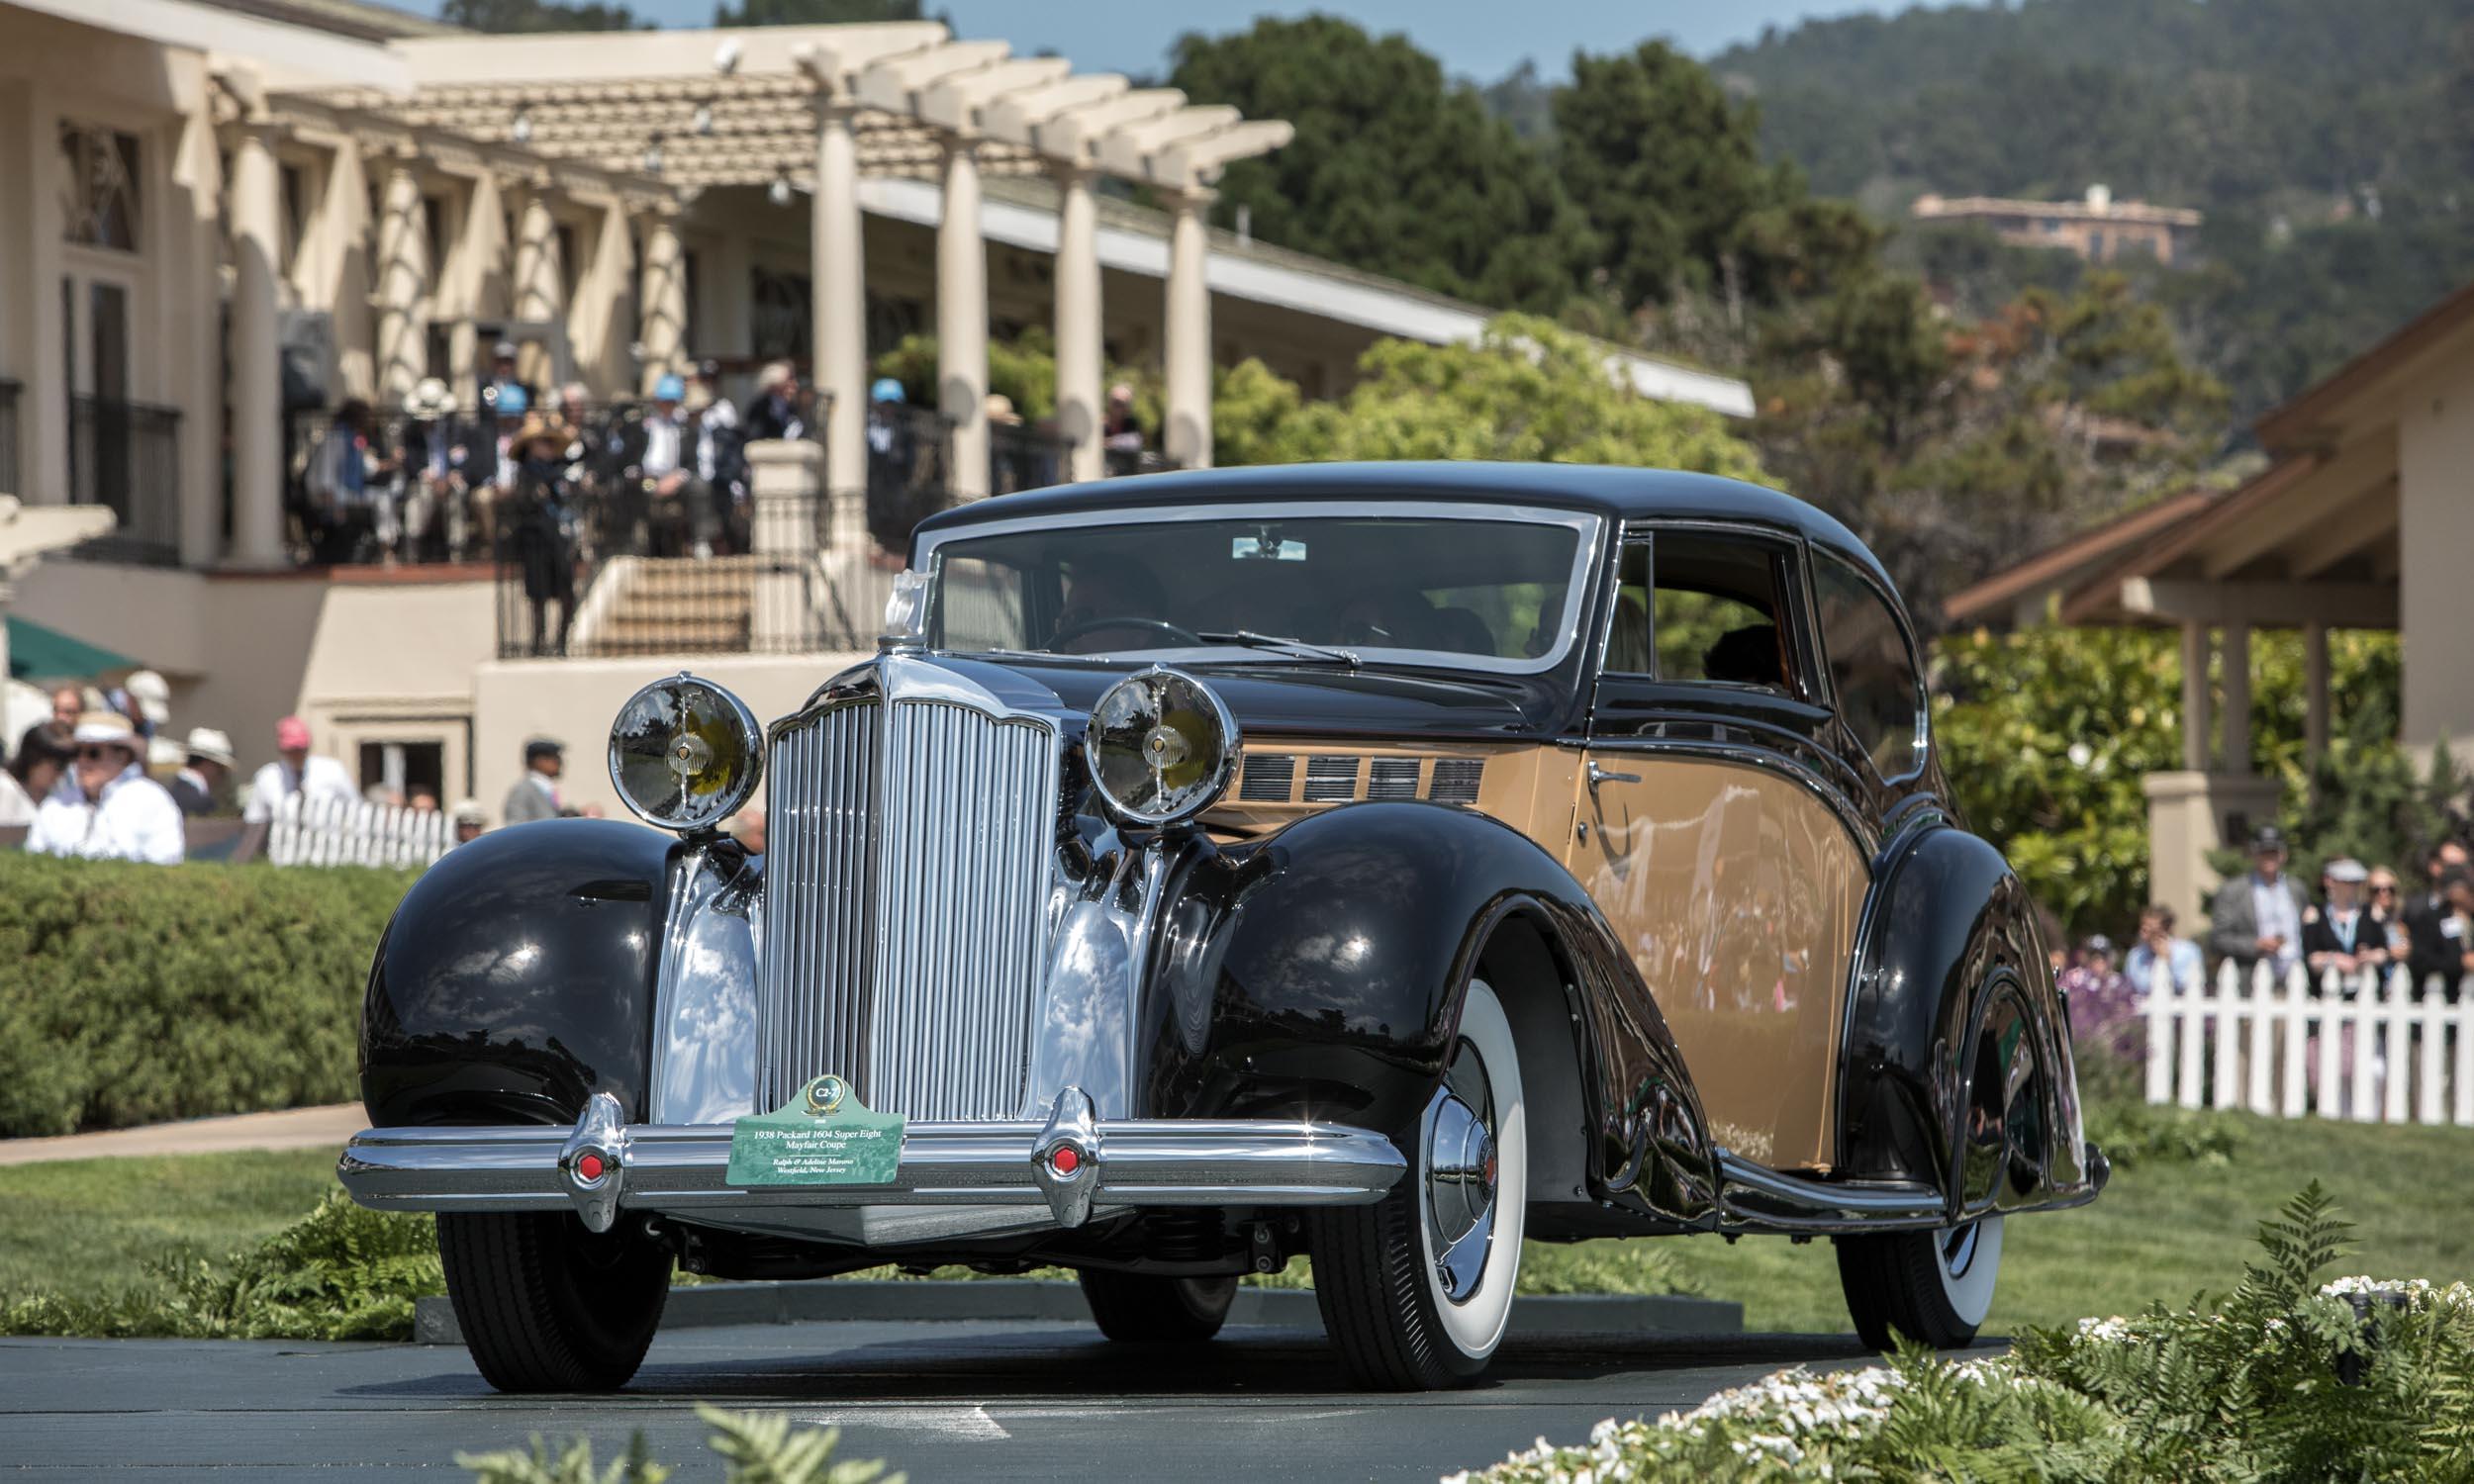 1934 Packard Pebble Beach